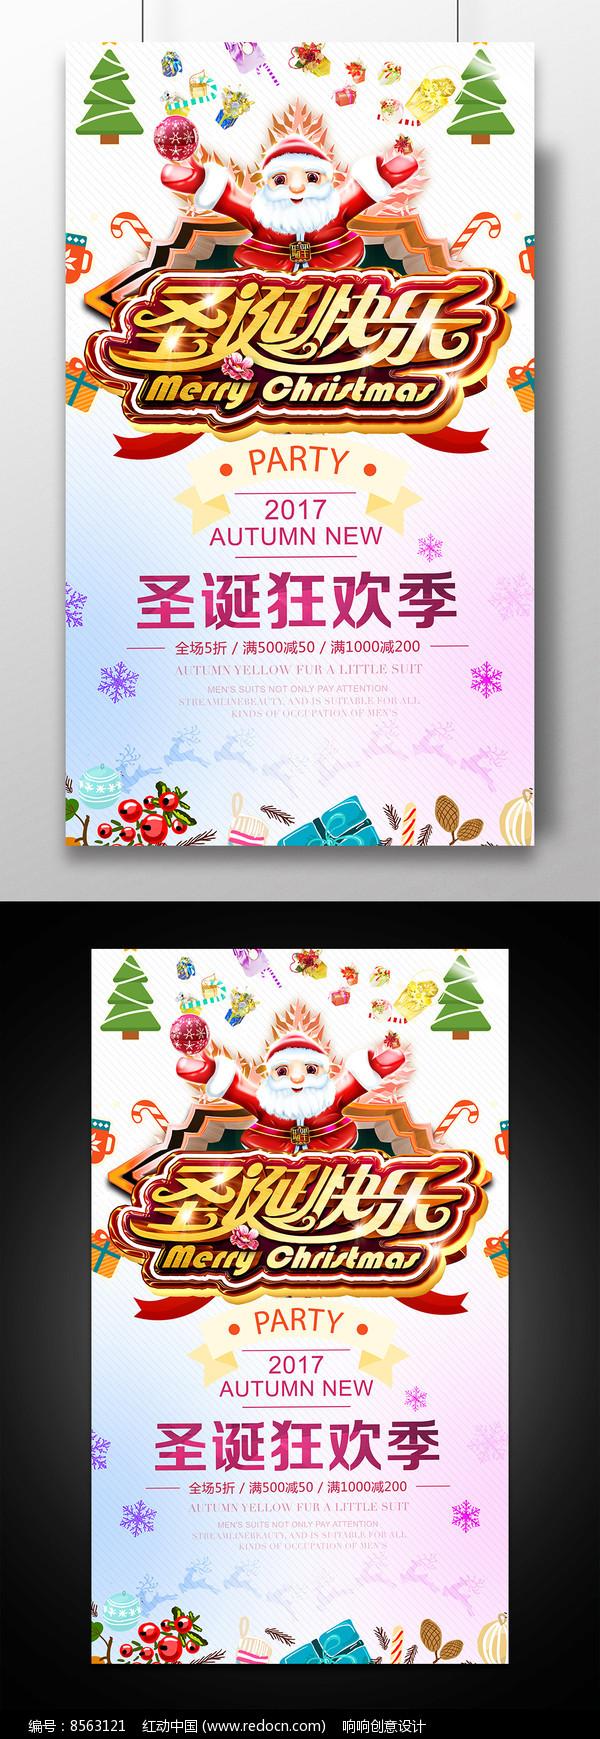 圣诞快乐促销海报图片